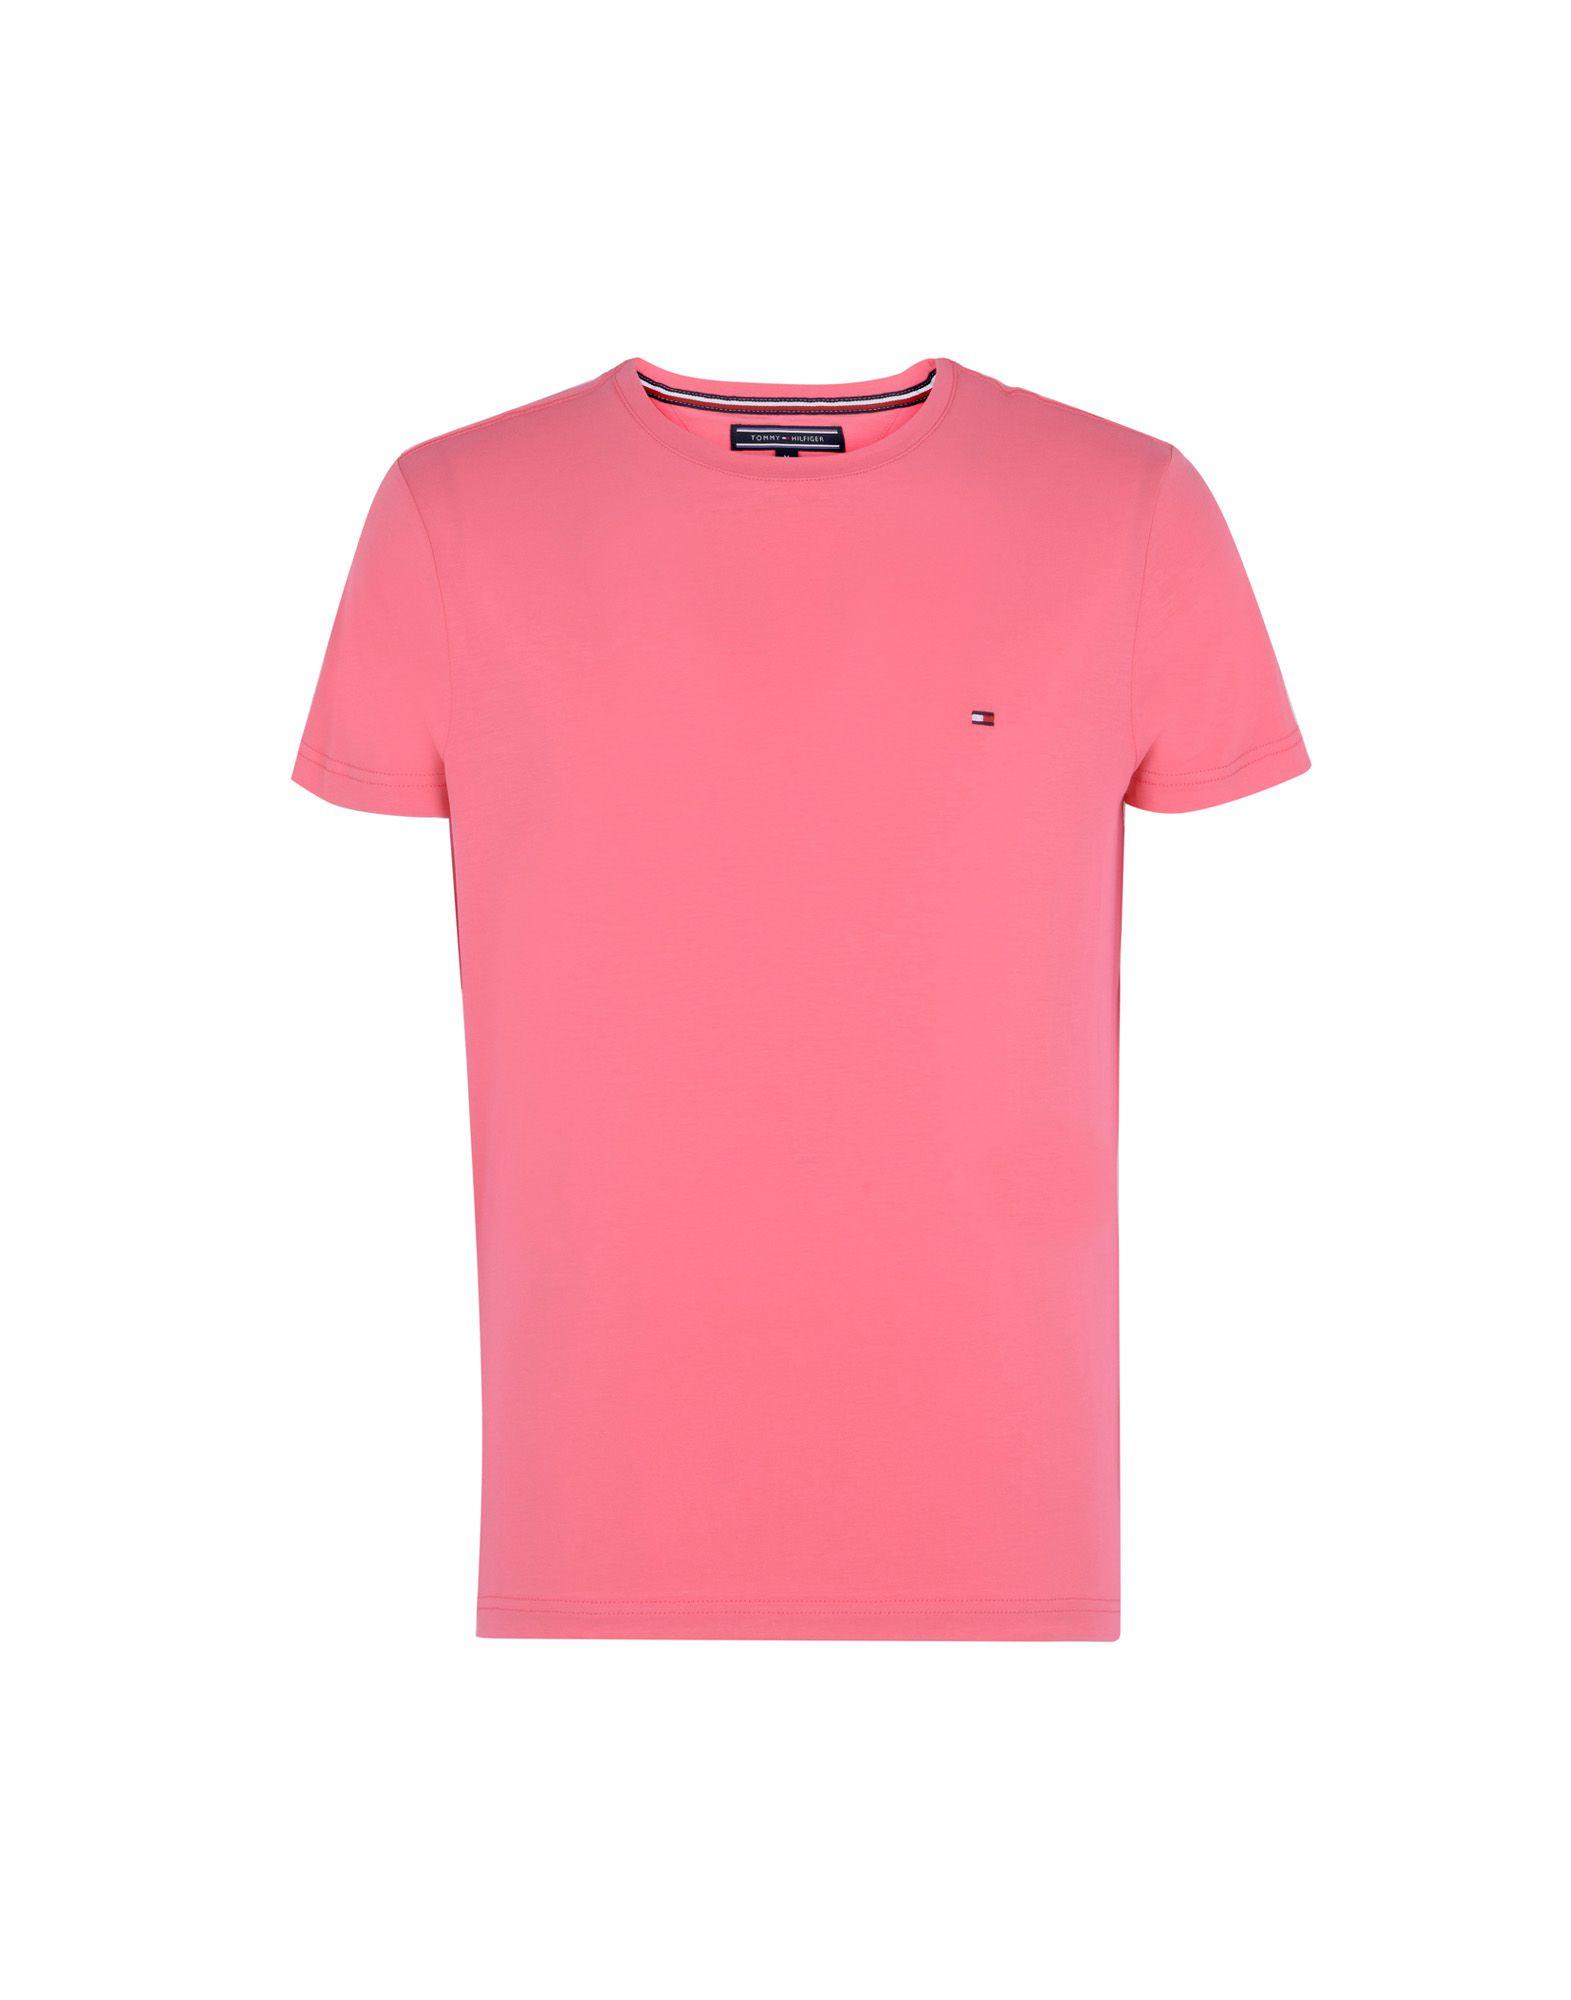 740a4a0f3 Tommy Hilfiger Stretch Slim Fit Tee - T-Shirt - Men Tommy Hilfiger T ...